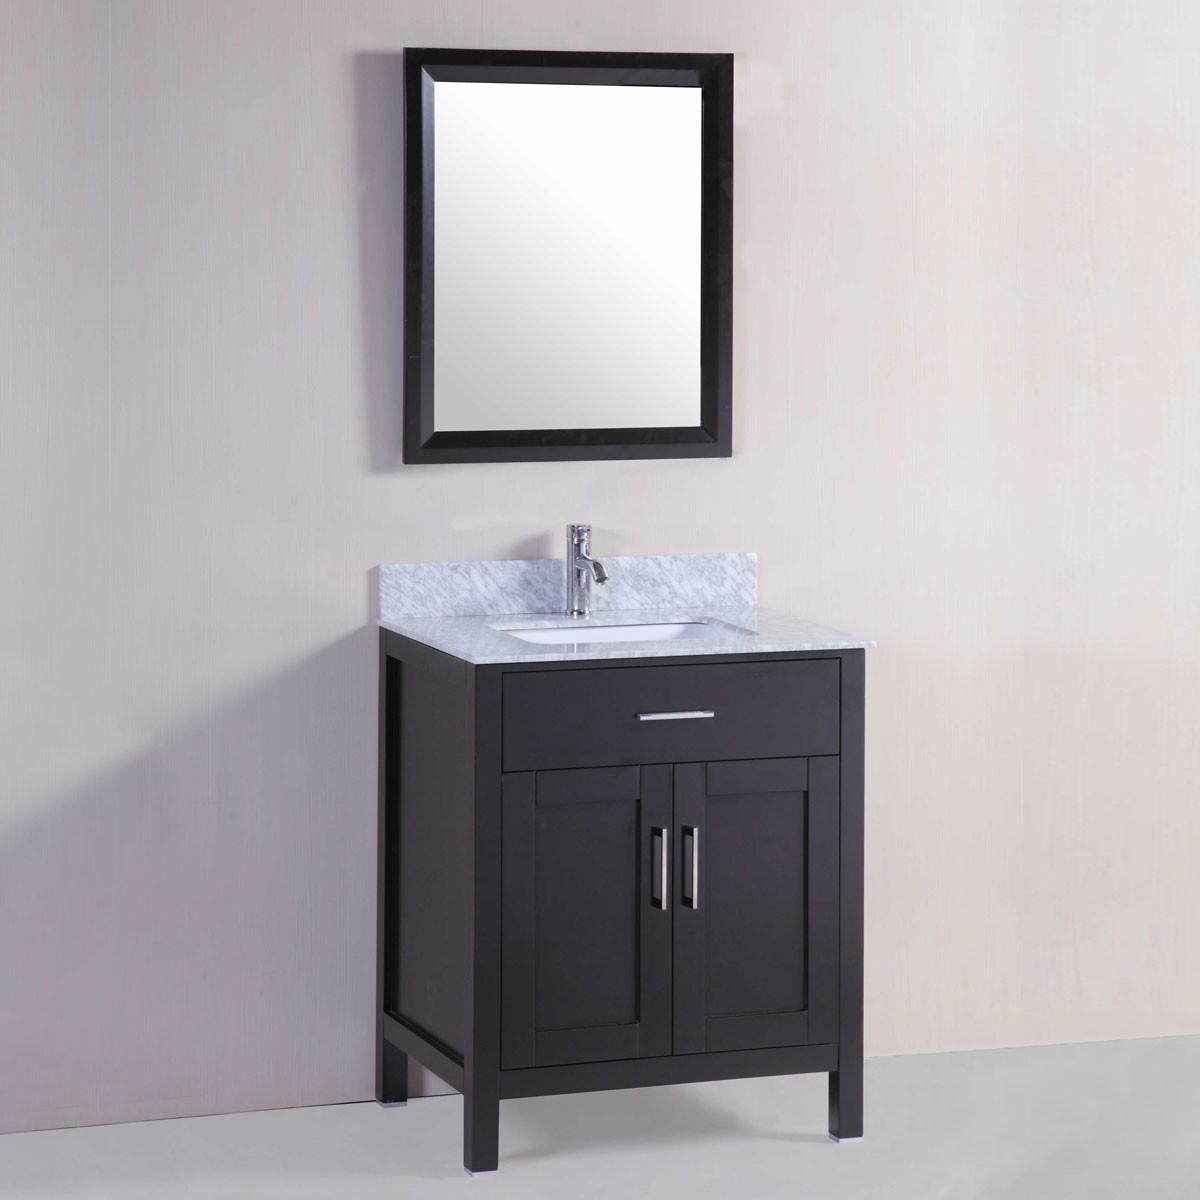 30 po meuble salle de bain sur pieds lavabo simple avec - Meuble lavabo sur pied ...